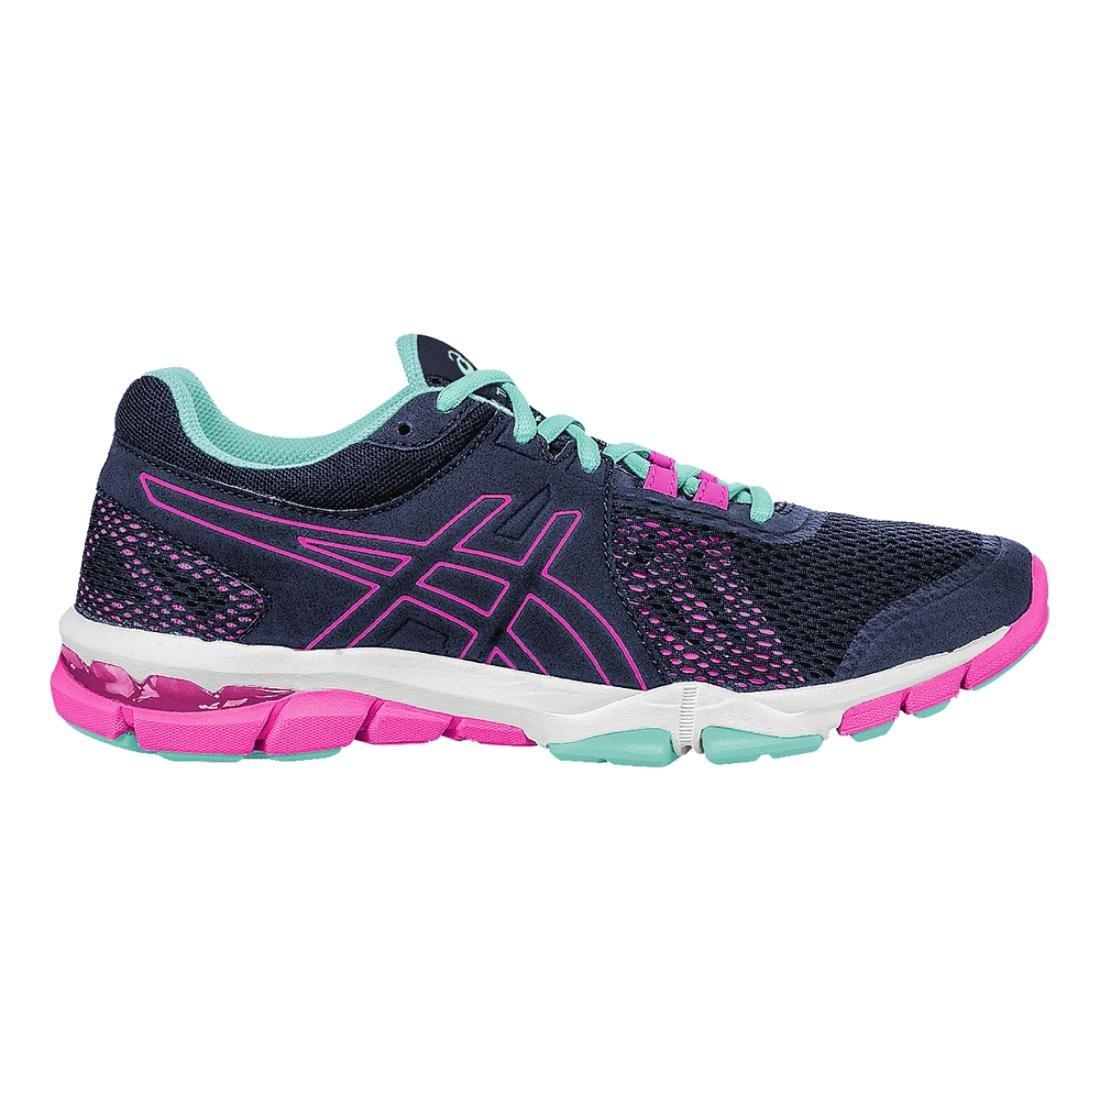 Asics Frauen Gel-Craze TR 4 4 4 Schuhe Indigo Blau/Indigo Blau/Hot Pink 7c90a3